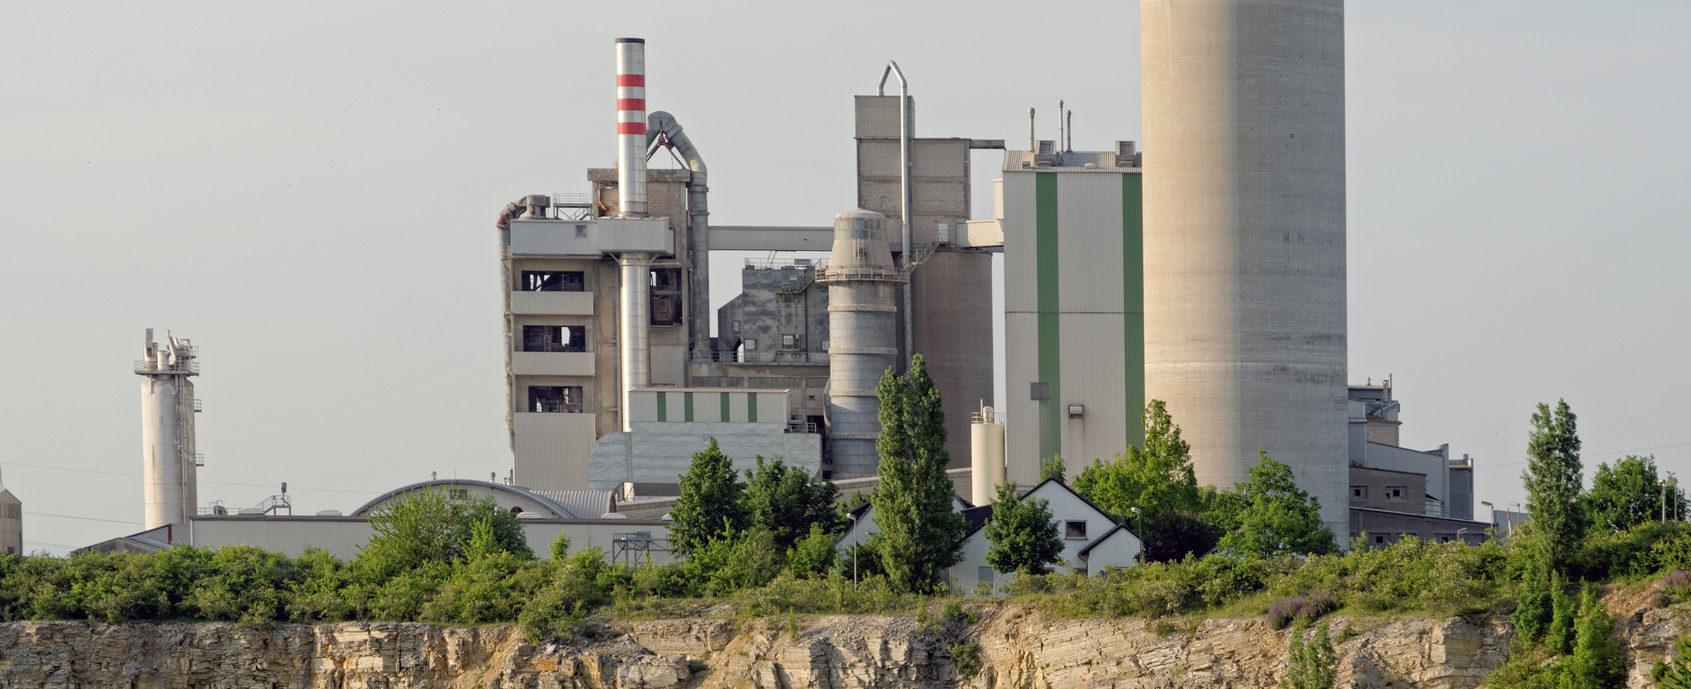 Cement Plants